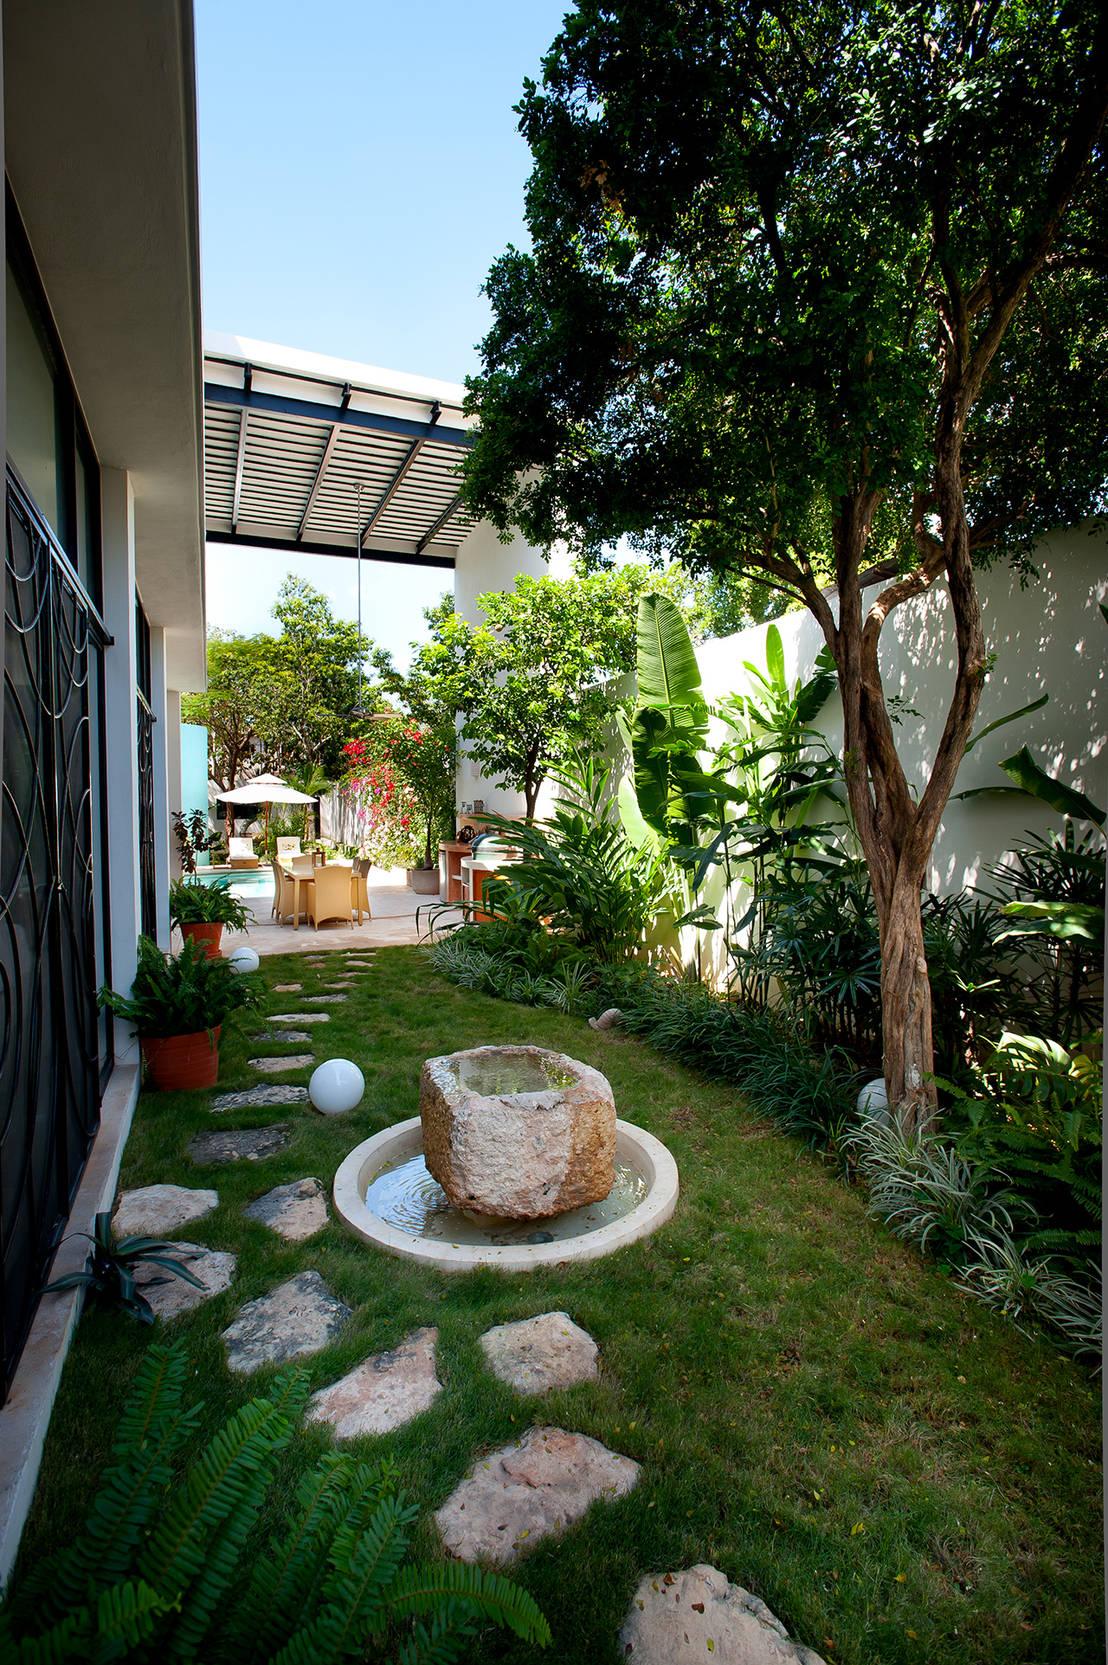 10 wundersch ne g rten mit wasser - Decoracion jardines modernos ...